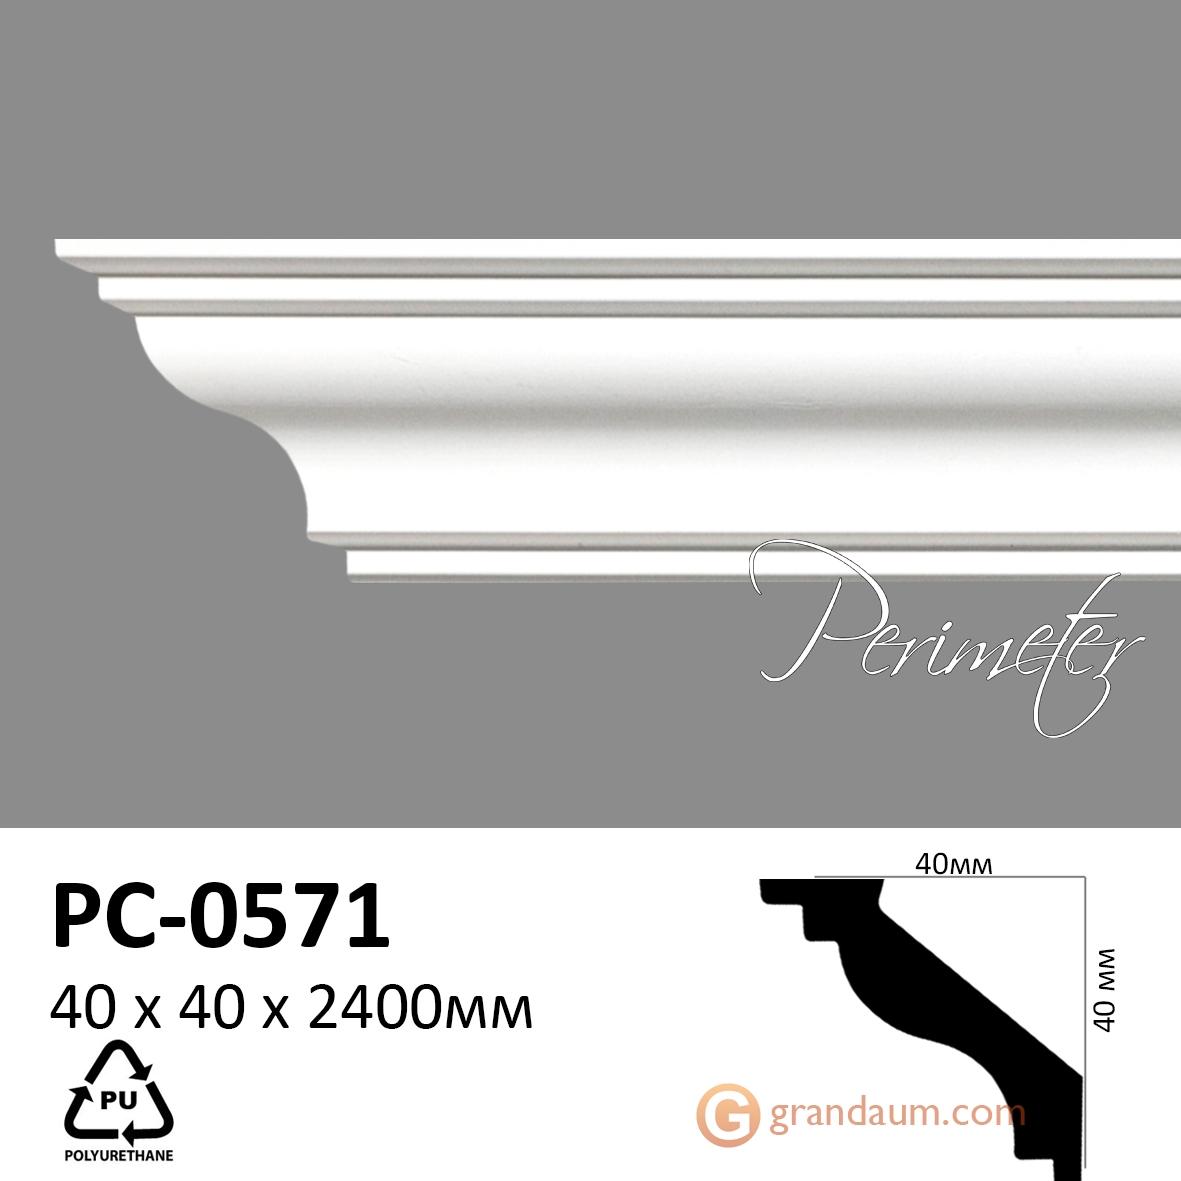 Карниз с гладким профилем Perimeter PC-0571